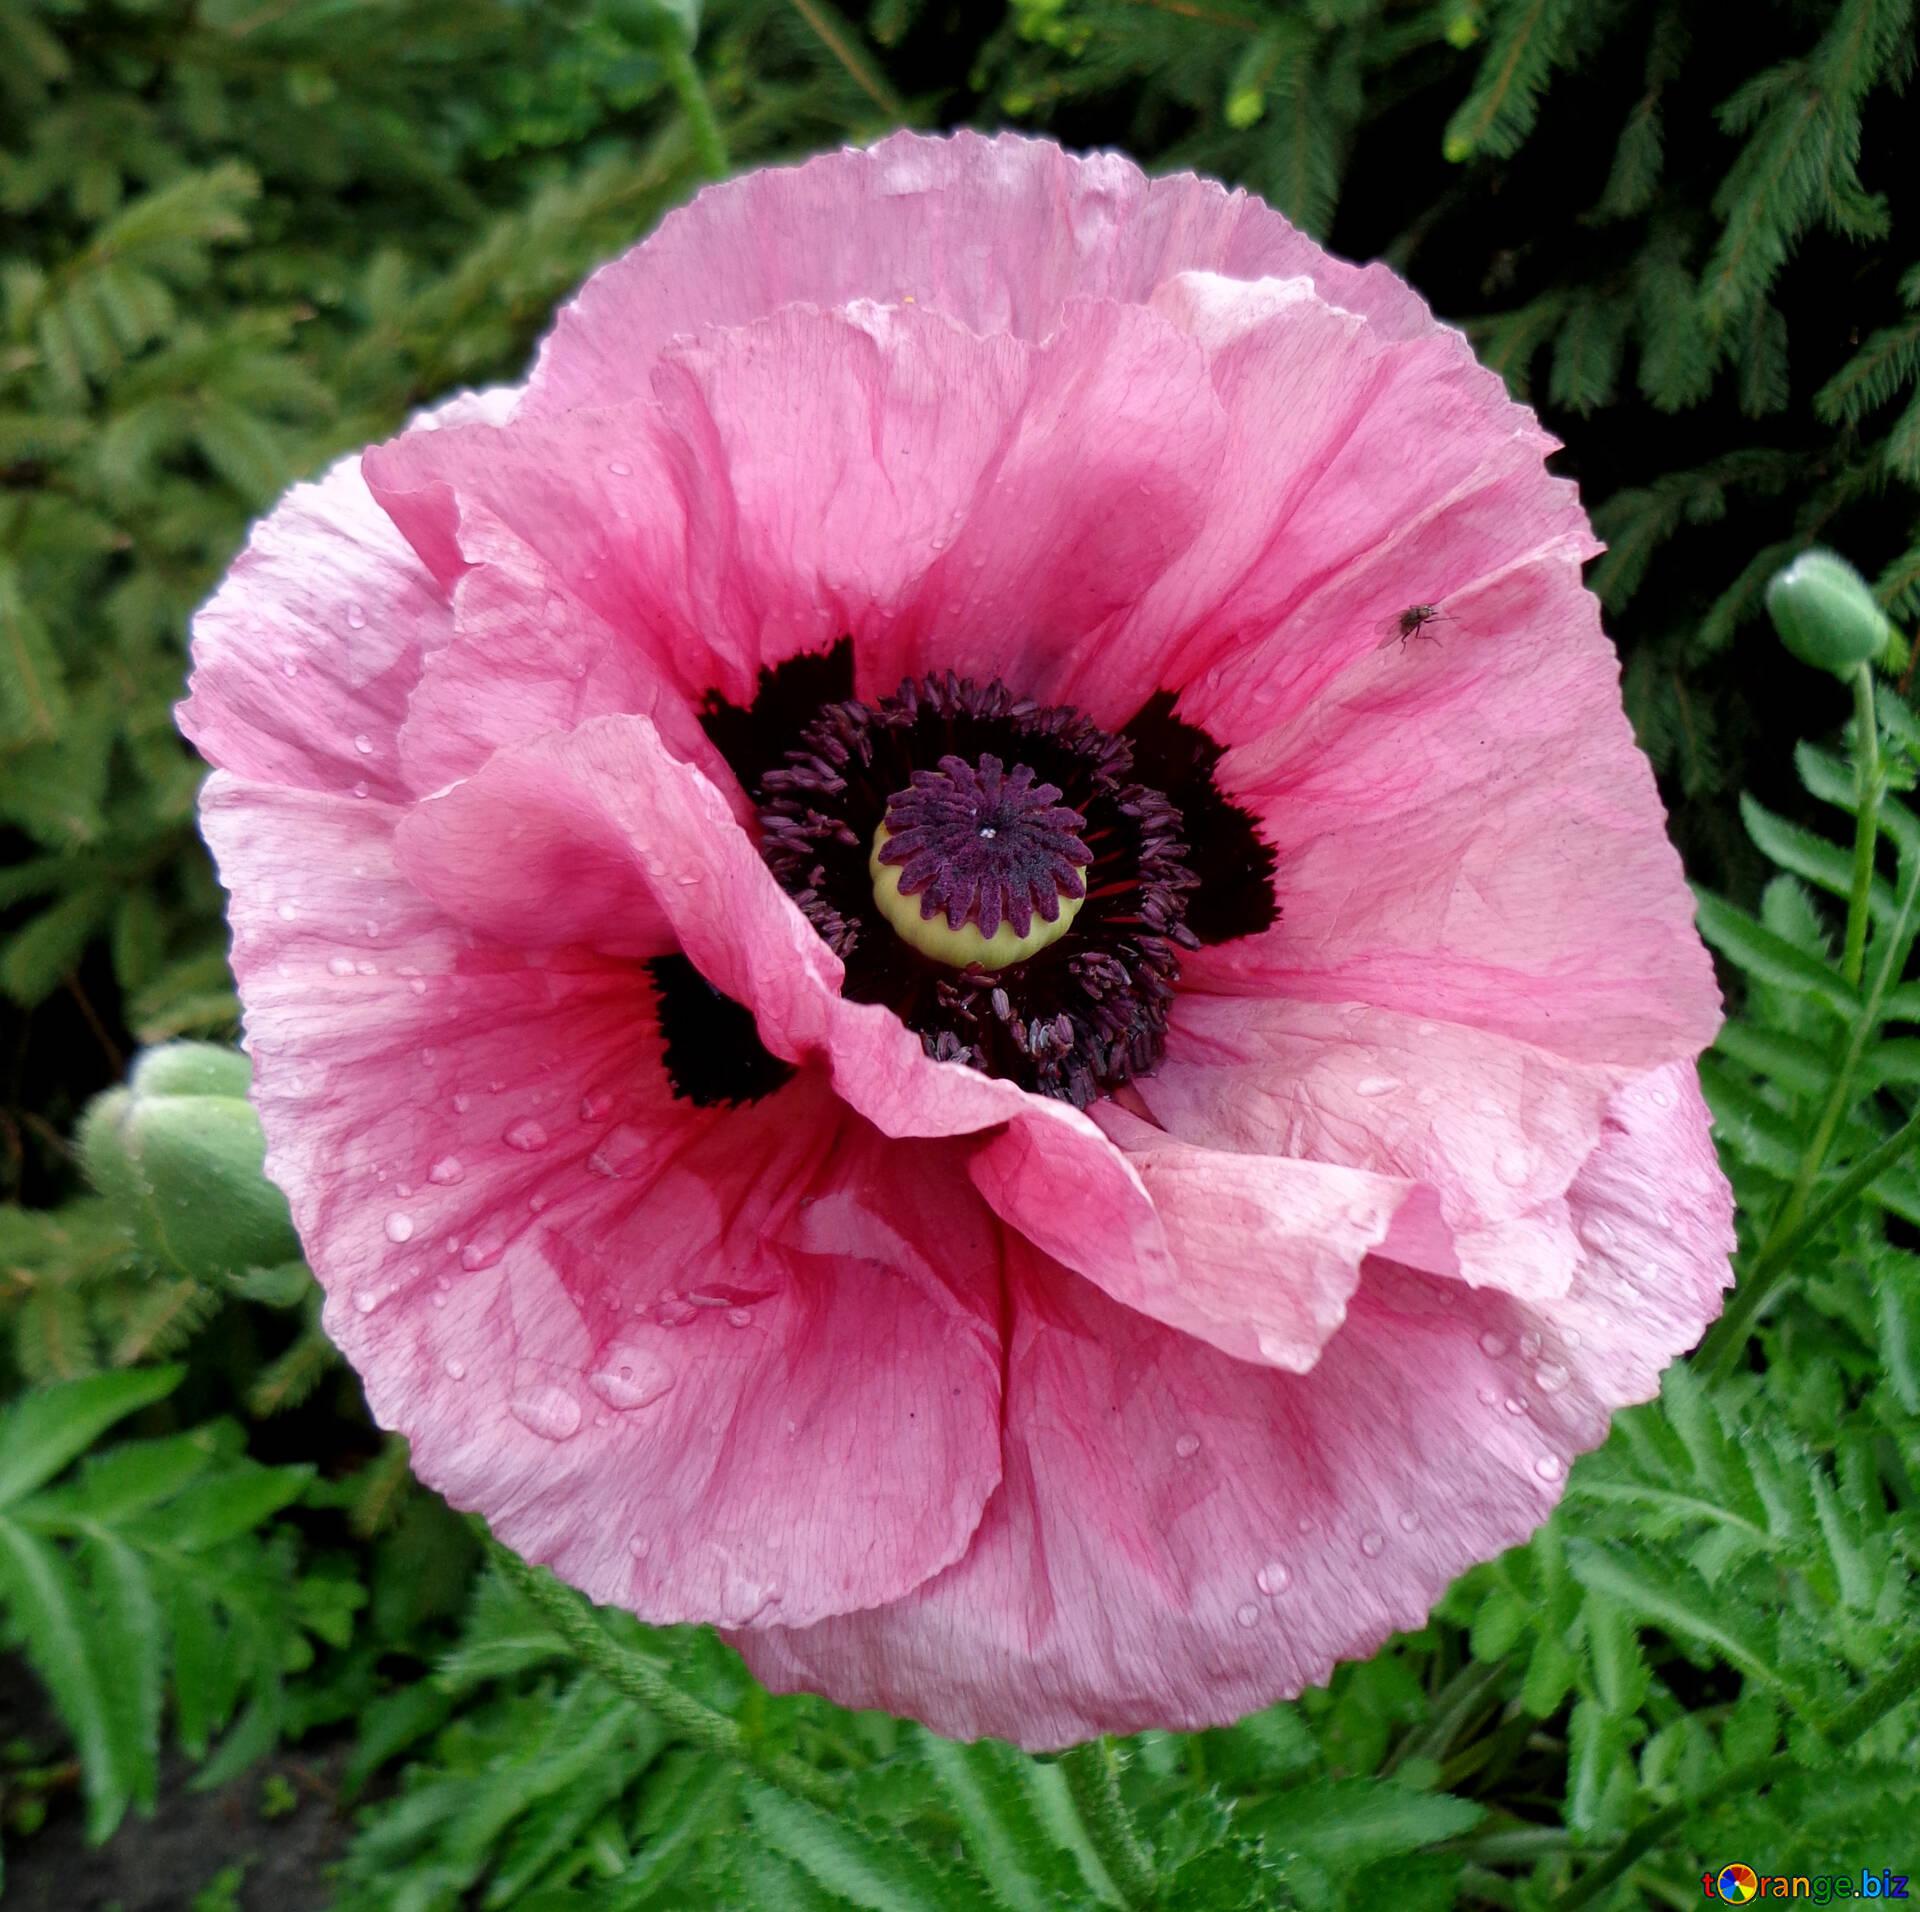 Poppy Flowers Pink Poppy Poppy 46686